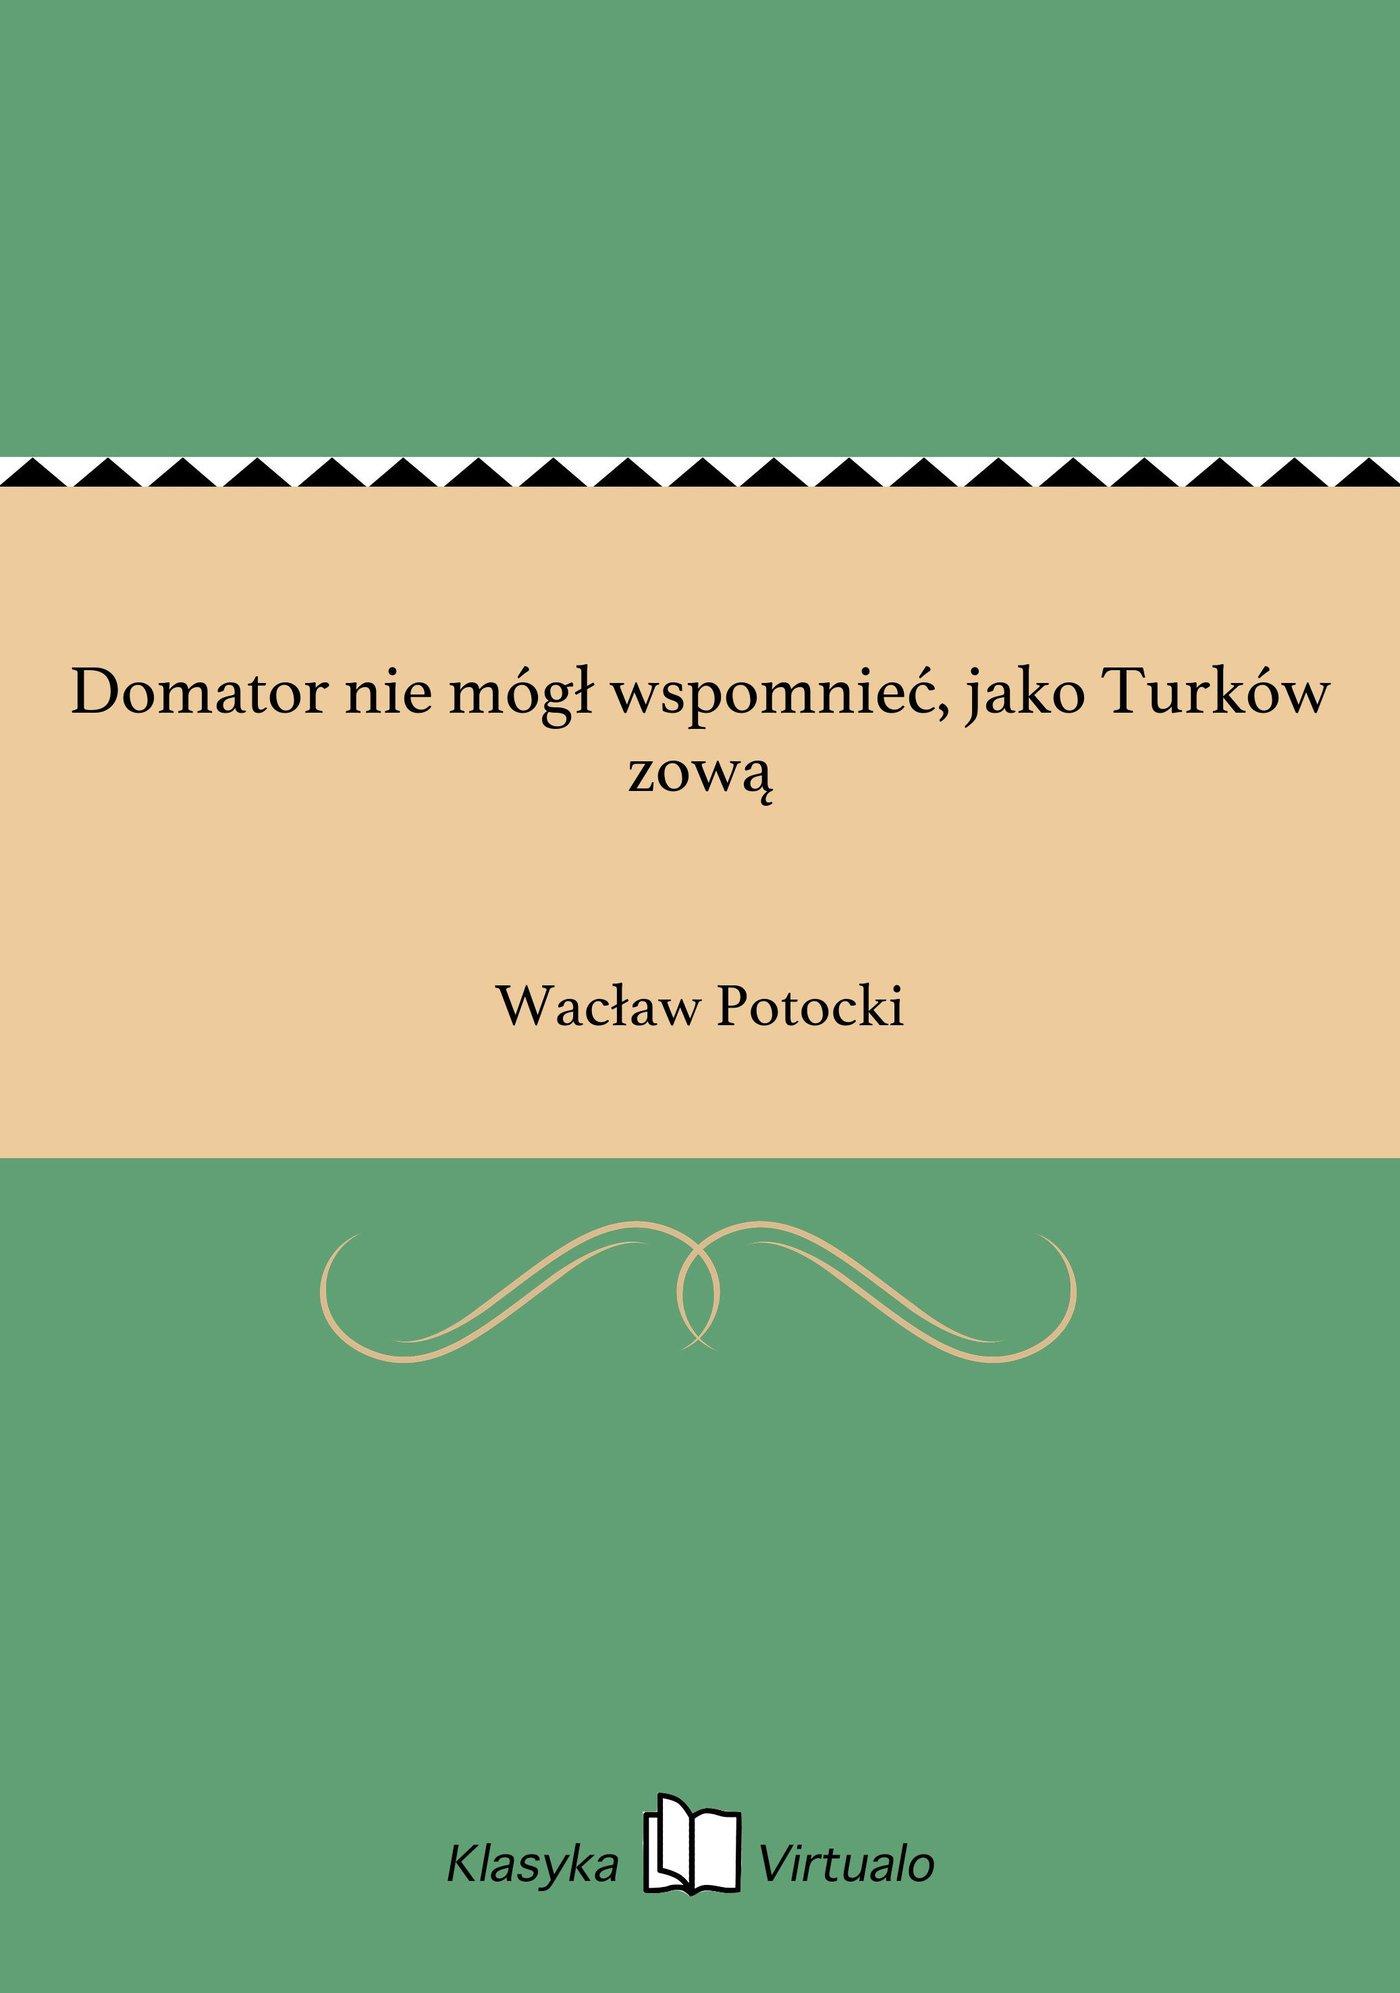 Domator nie mógł wspomnieć, jako Turków zową - Ebook (Książka EPUB) do pobrania w formacie EPUB